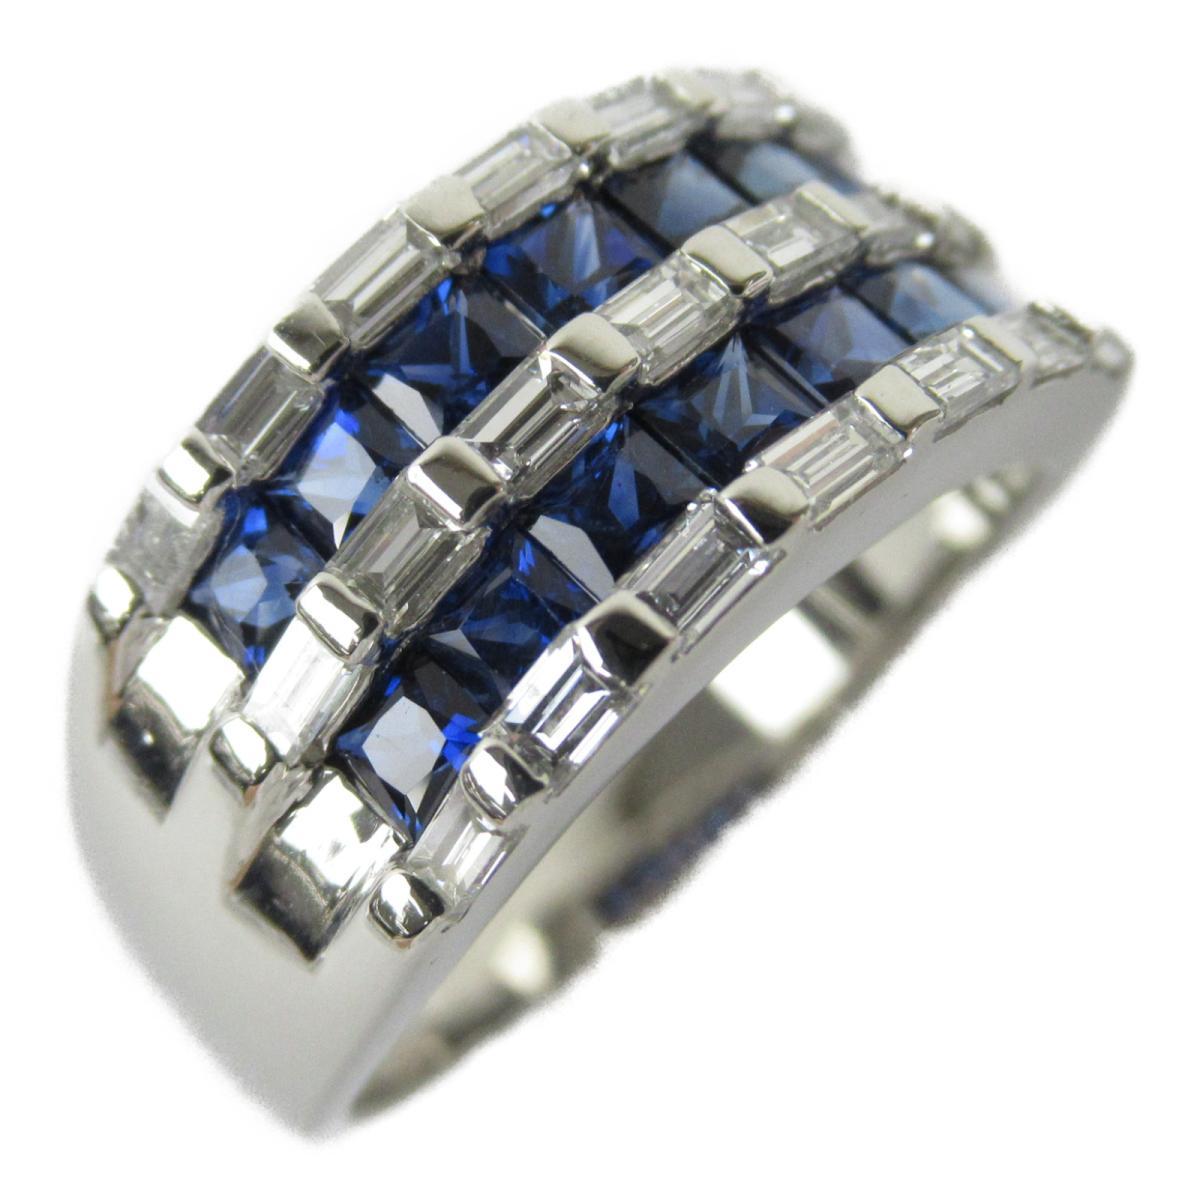 ジュエリー サファイア ダイヤモンド リング 指輪 ノーブランドジュエリー メンズ レディース PT900 プラチナ x サファイア1.70 | JEWELRY BRANDOFF ブランドオフ アクセサリー